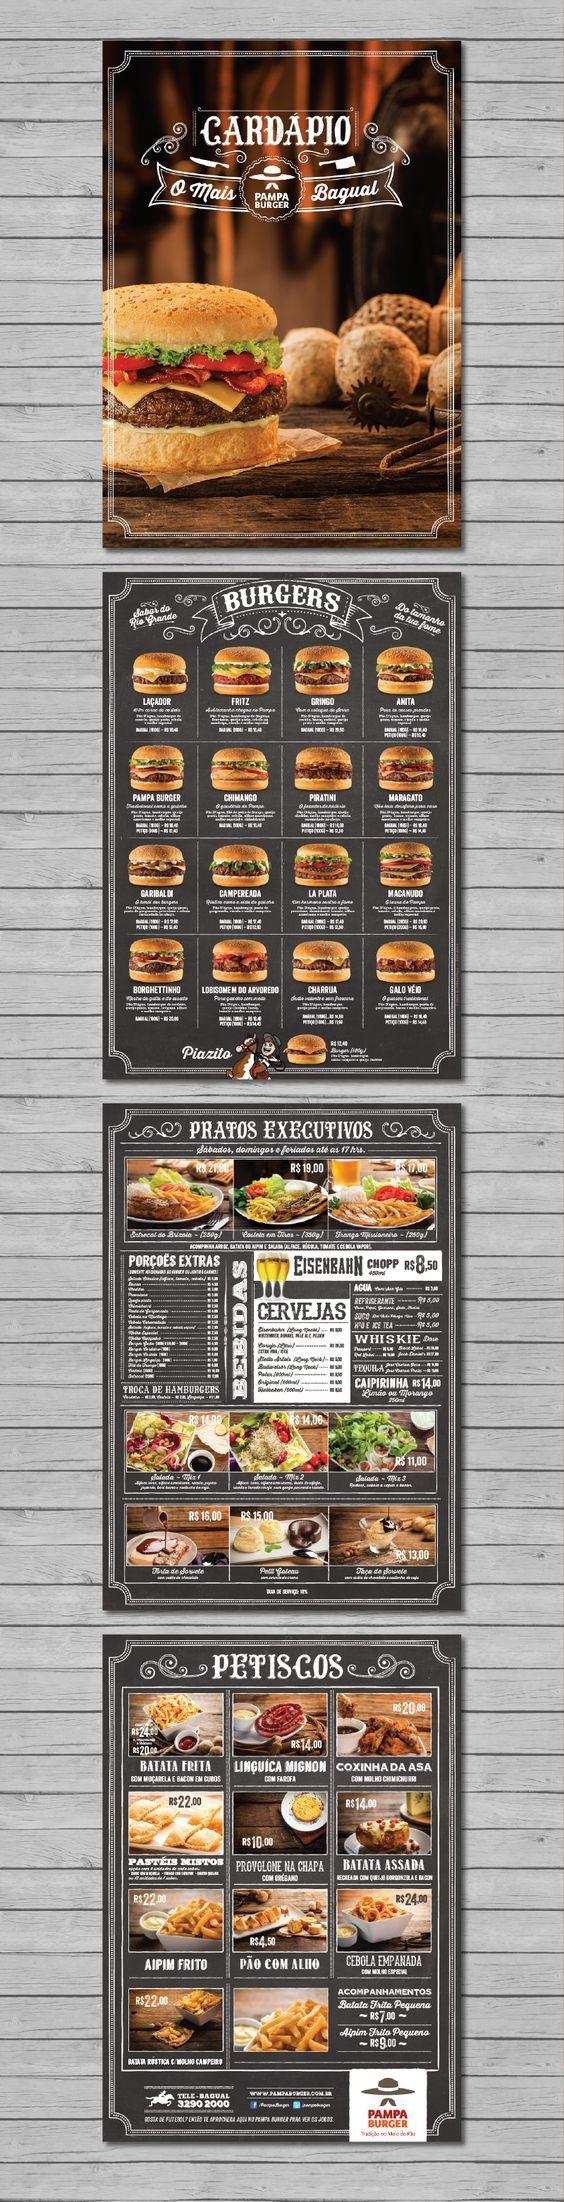 Pampa Burger Menu: